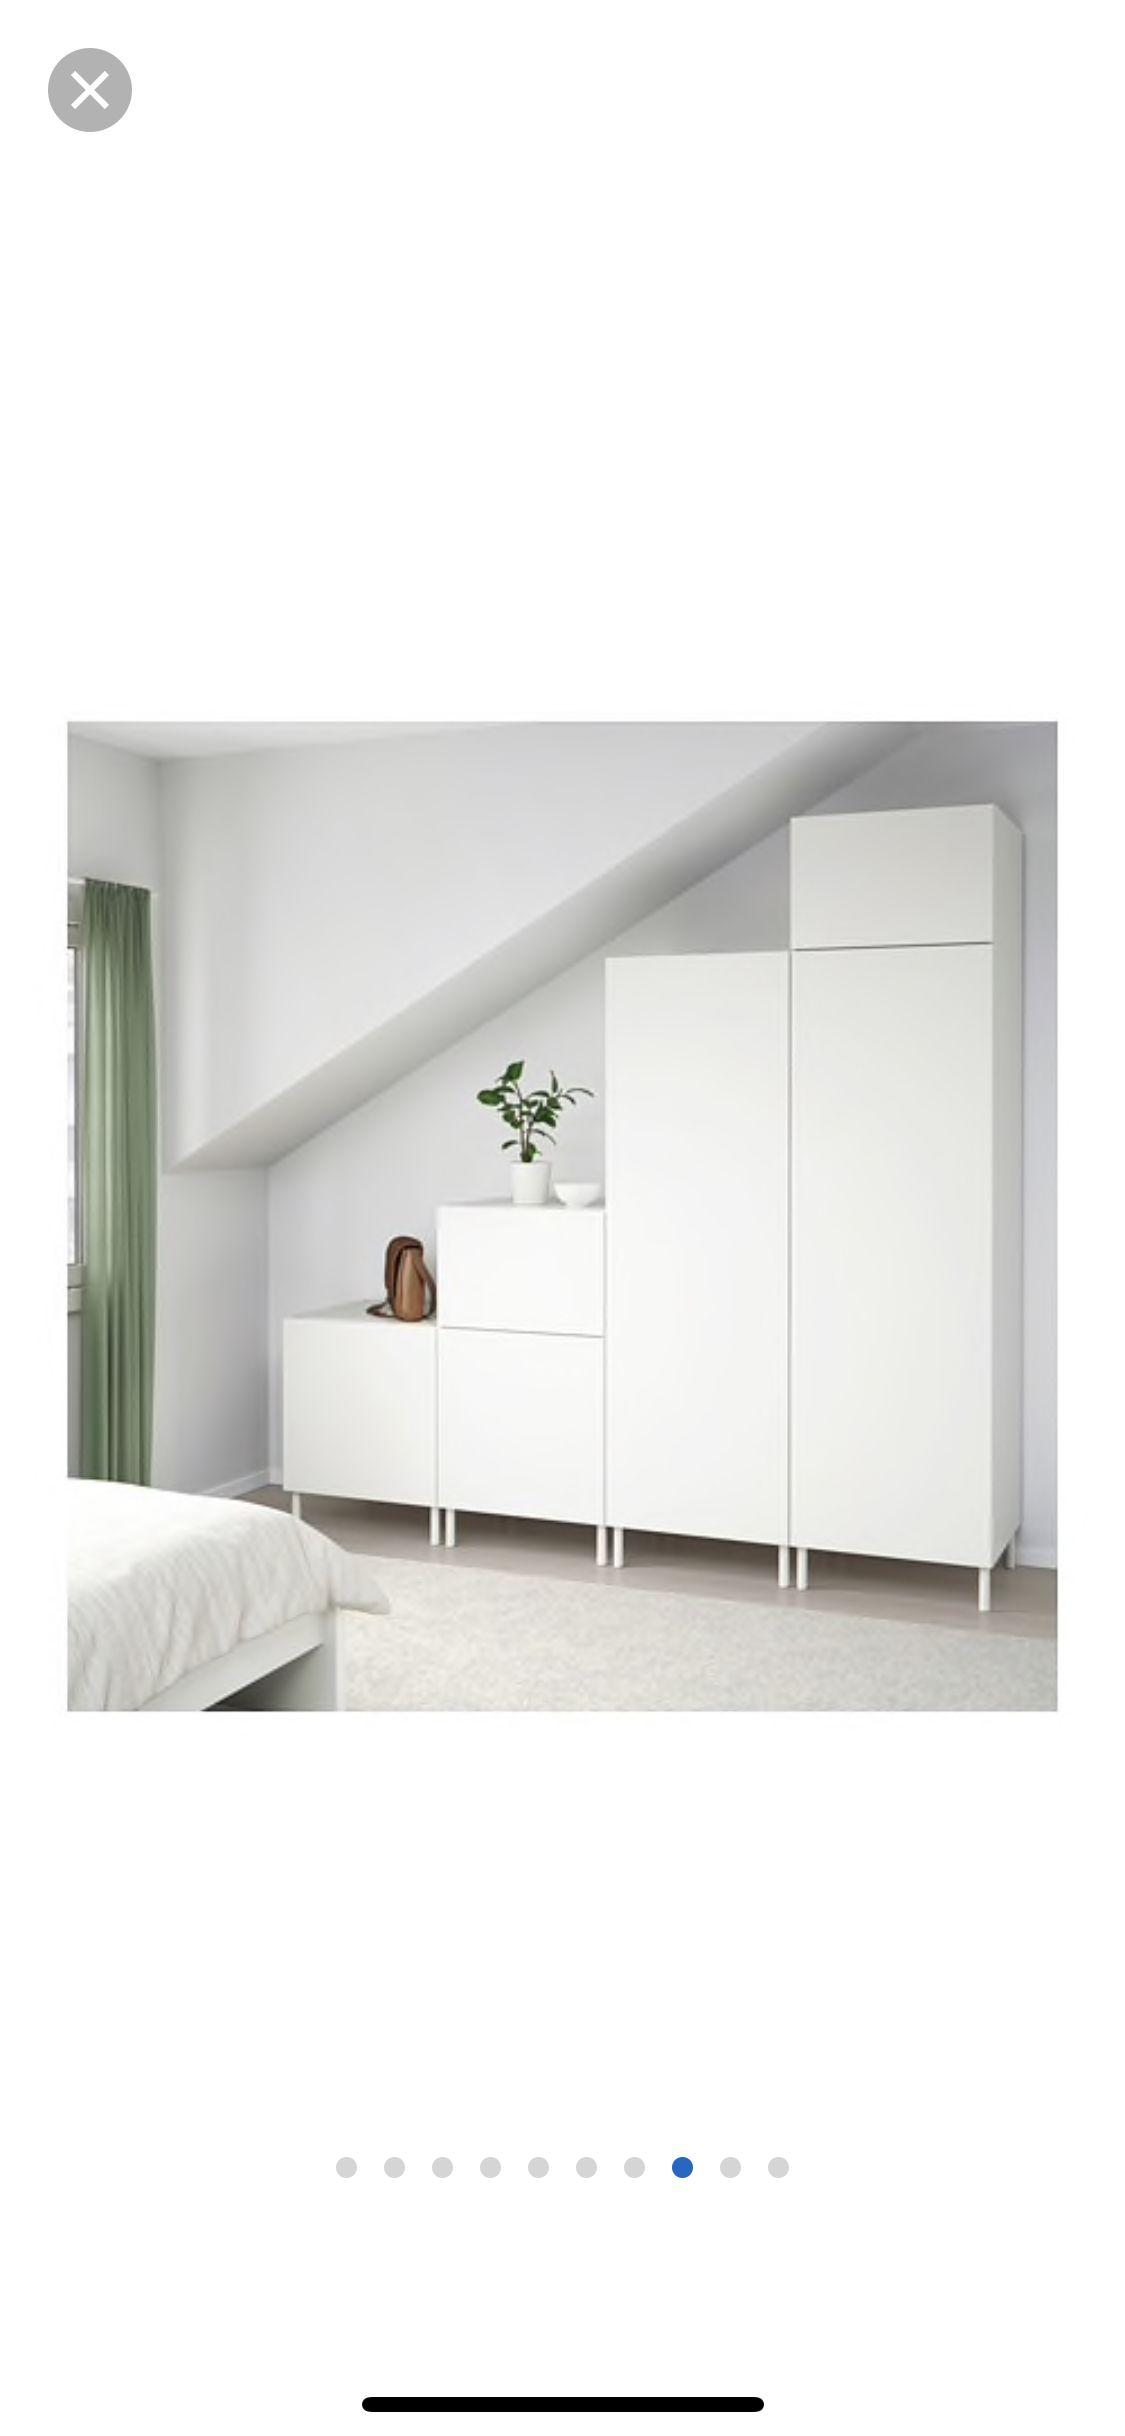 Ikea Platsa Kinder Zimmer Schlafzimmer Und Zuhause